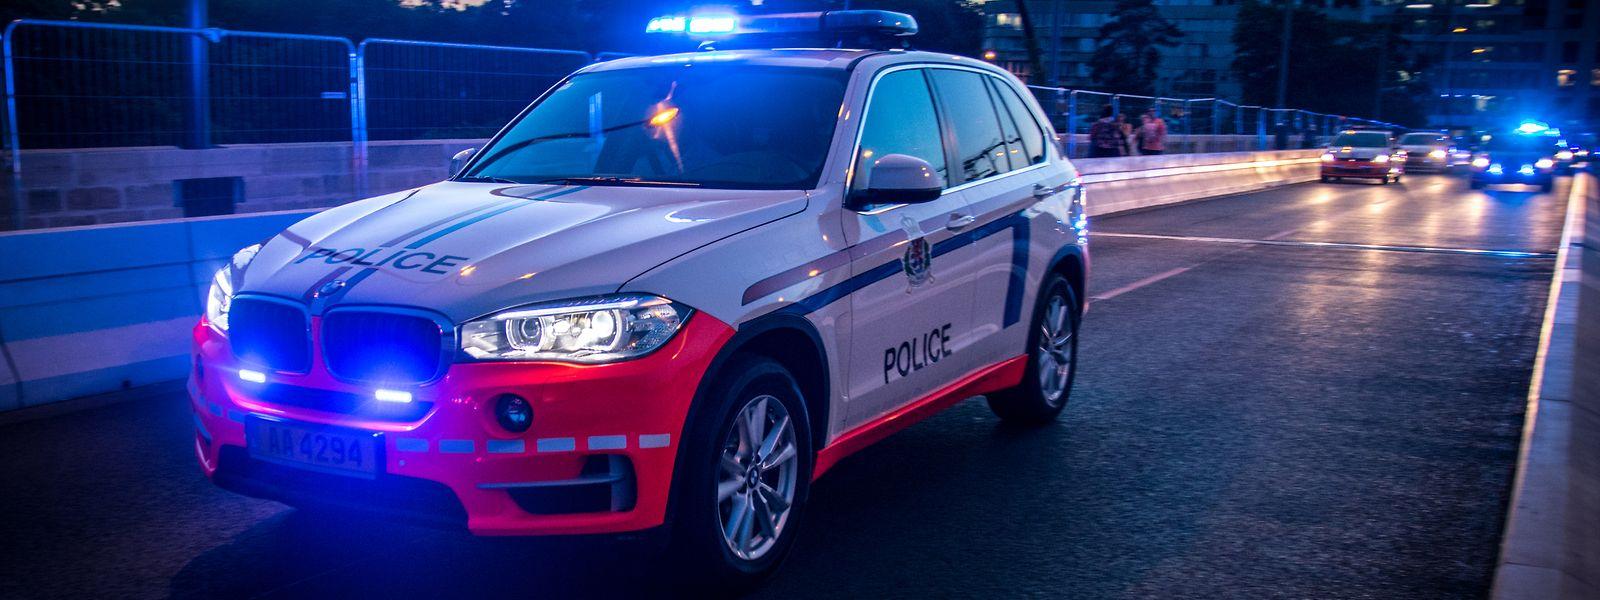 Bei der Verfolgung des Rasers verunglückten die Polizisten mit ihrem Dienst-SUV.